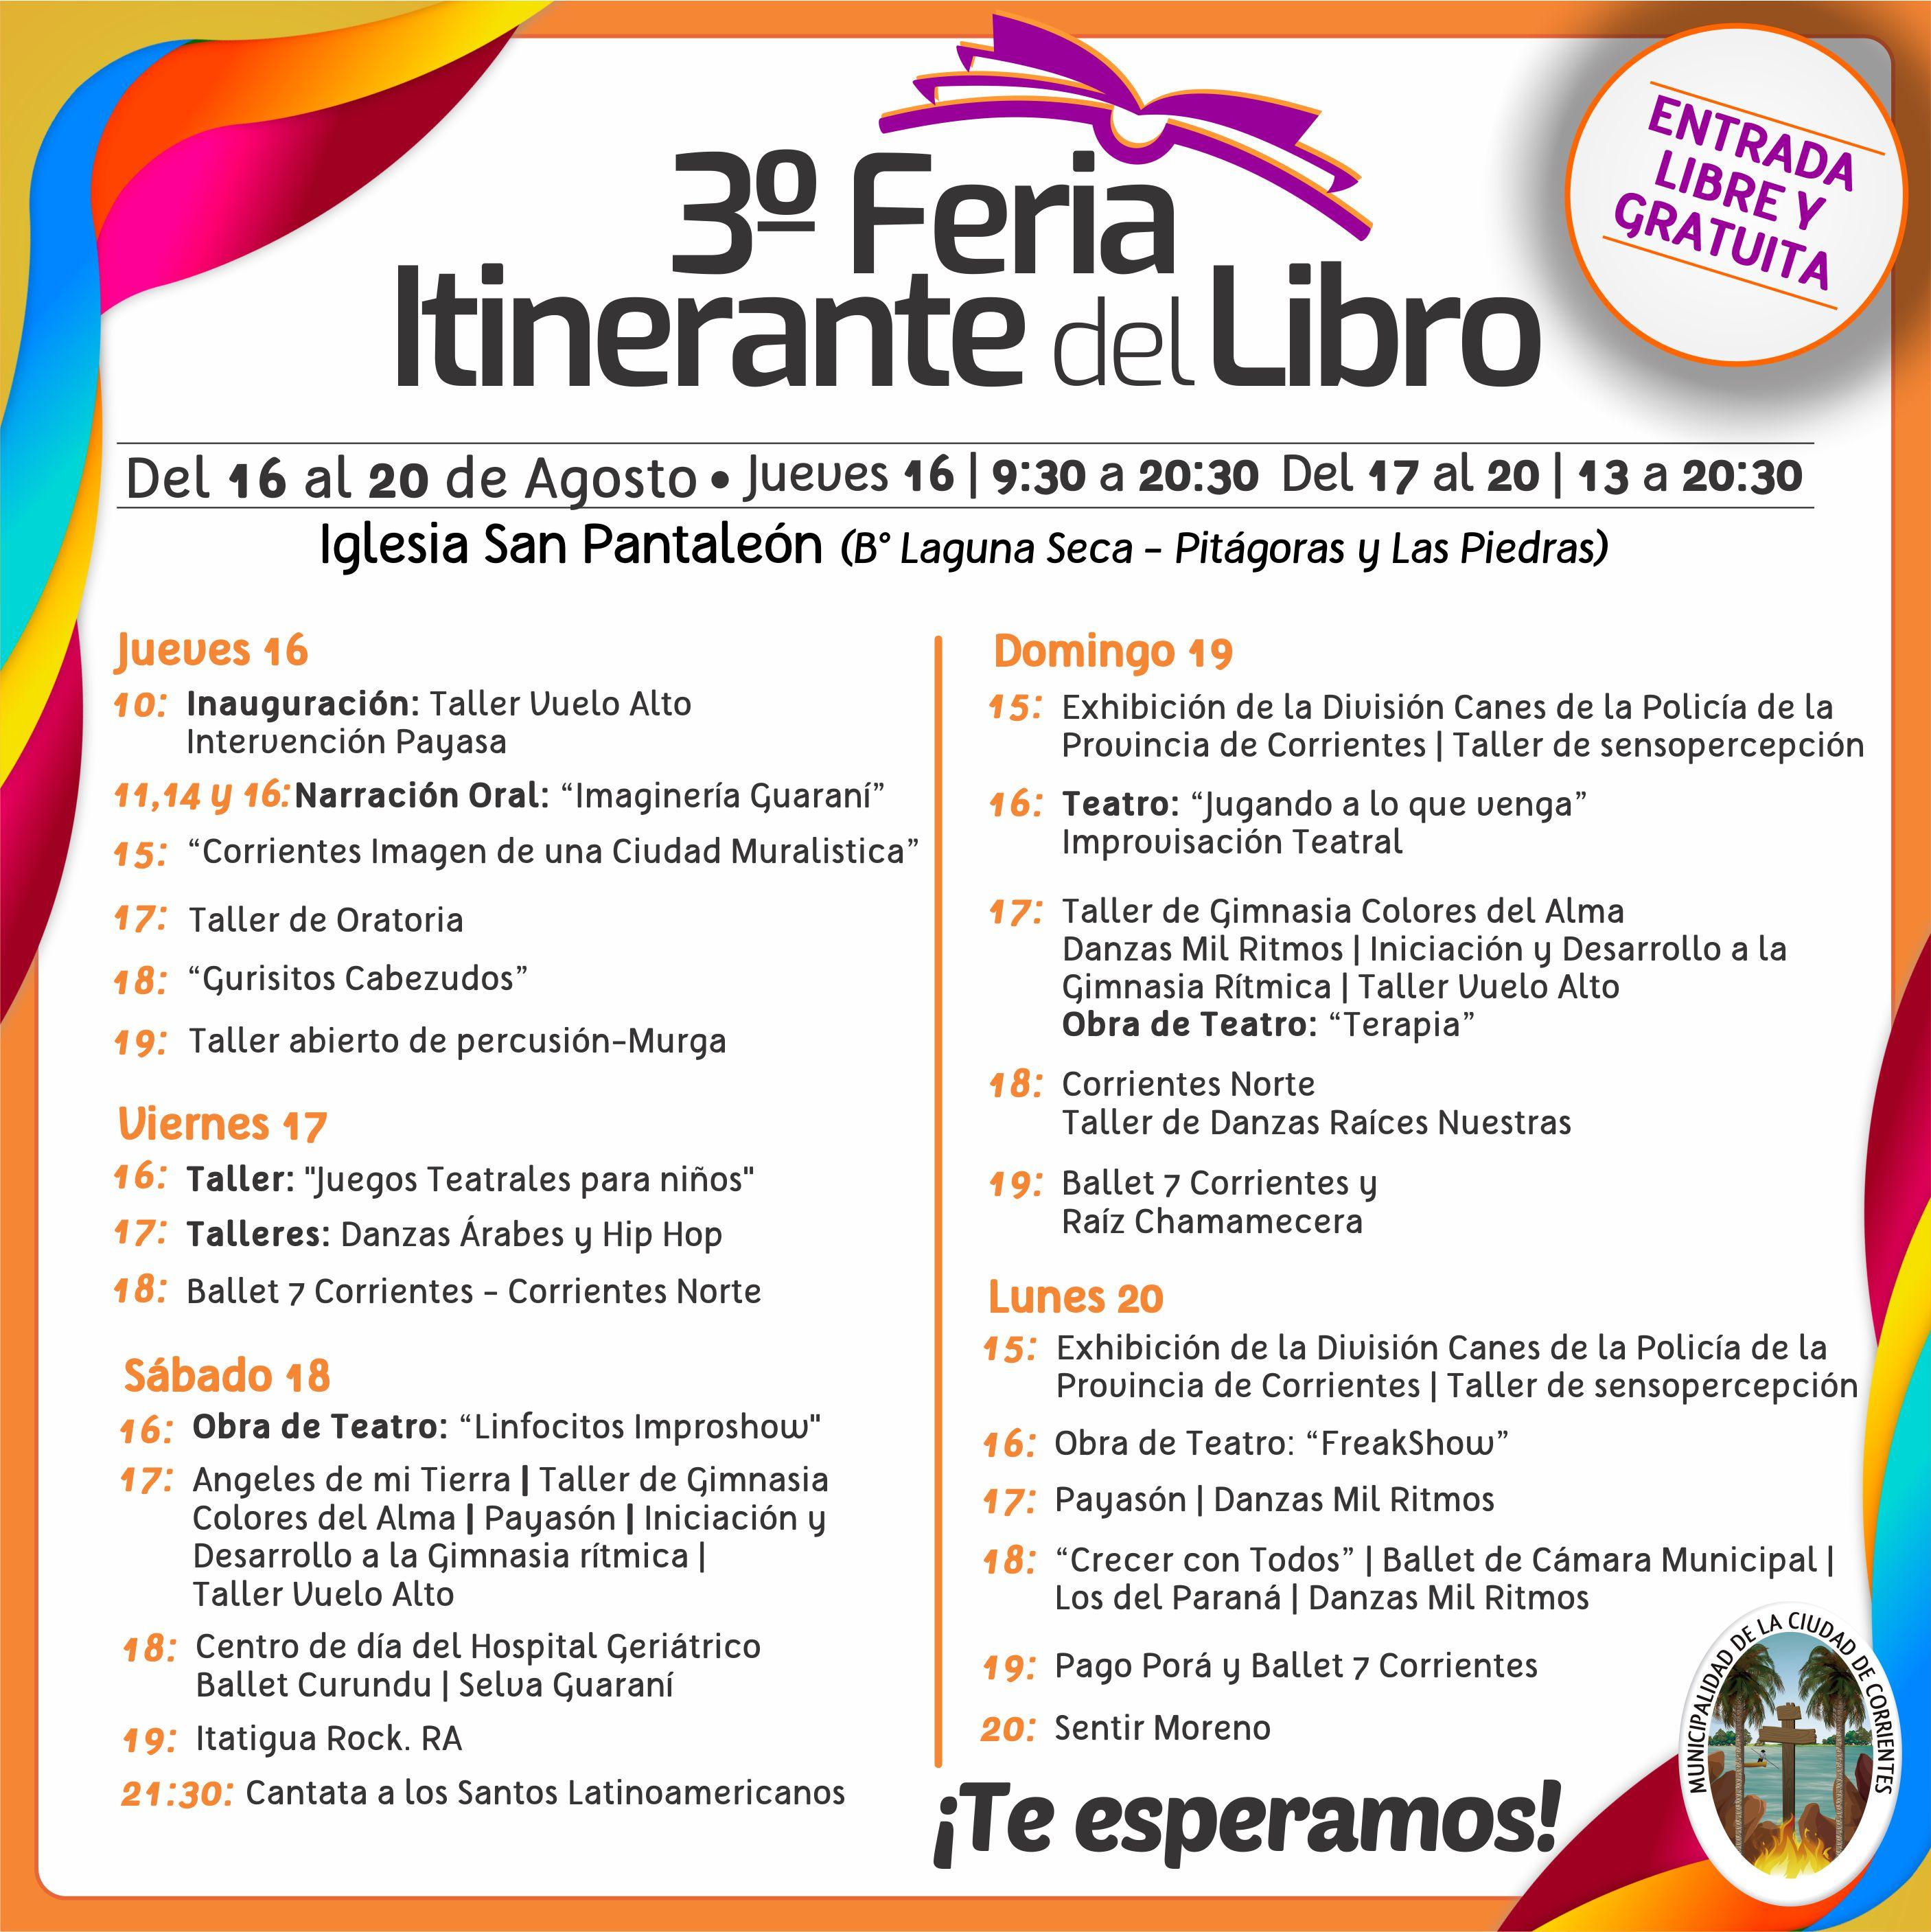 Este jueves arranca la tercera edición de la Feria del Libro Itinerante